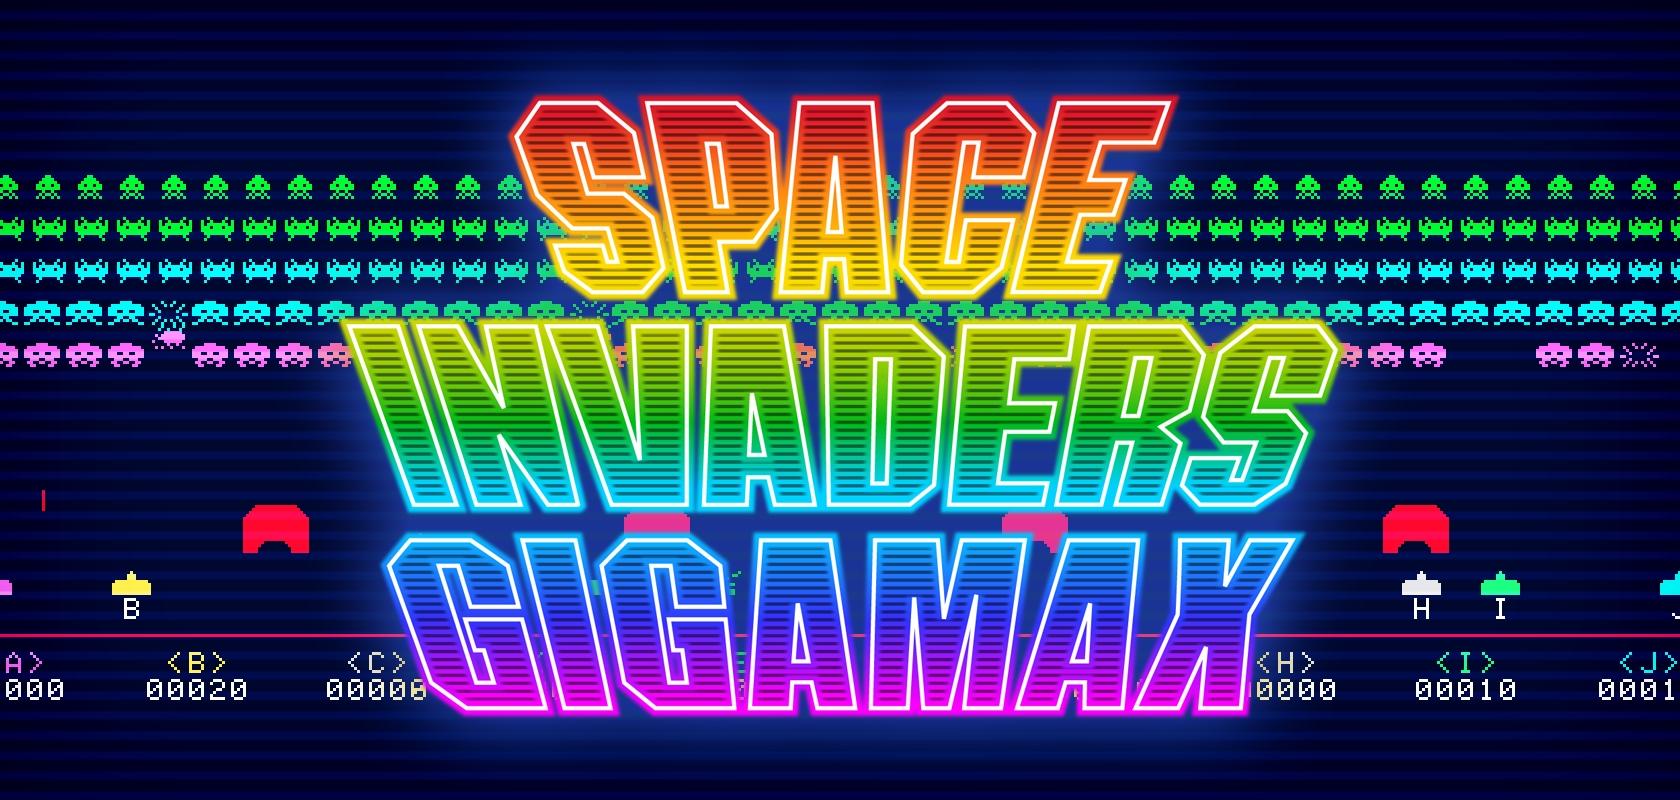 『スペースインベーダー』が40周年で巨大化!? 破天荒なアトラクションはどこで遊べるの?